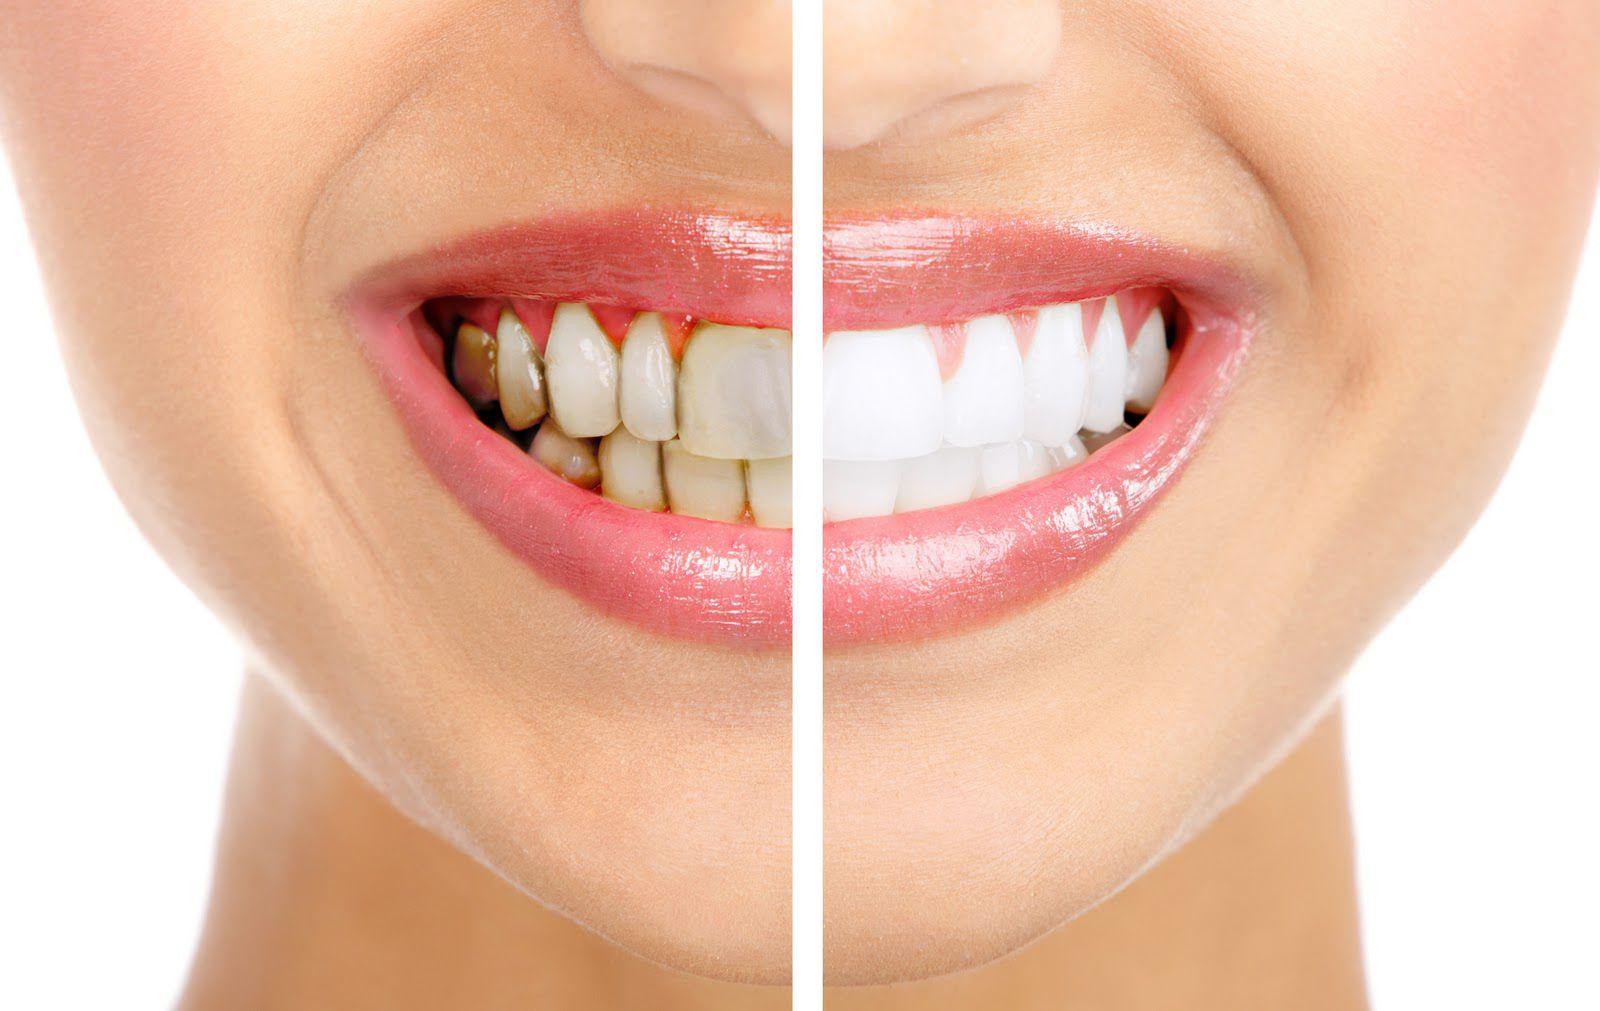 Răng sứ có tẩy trắng được không? 1